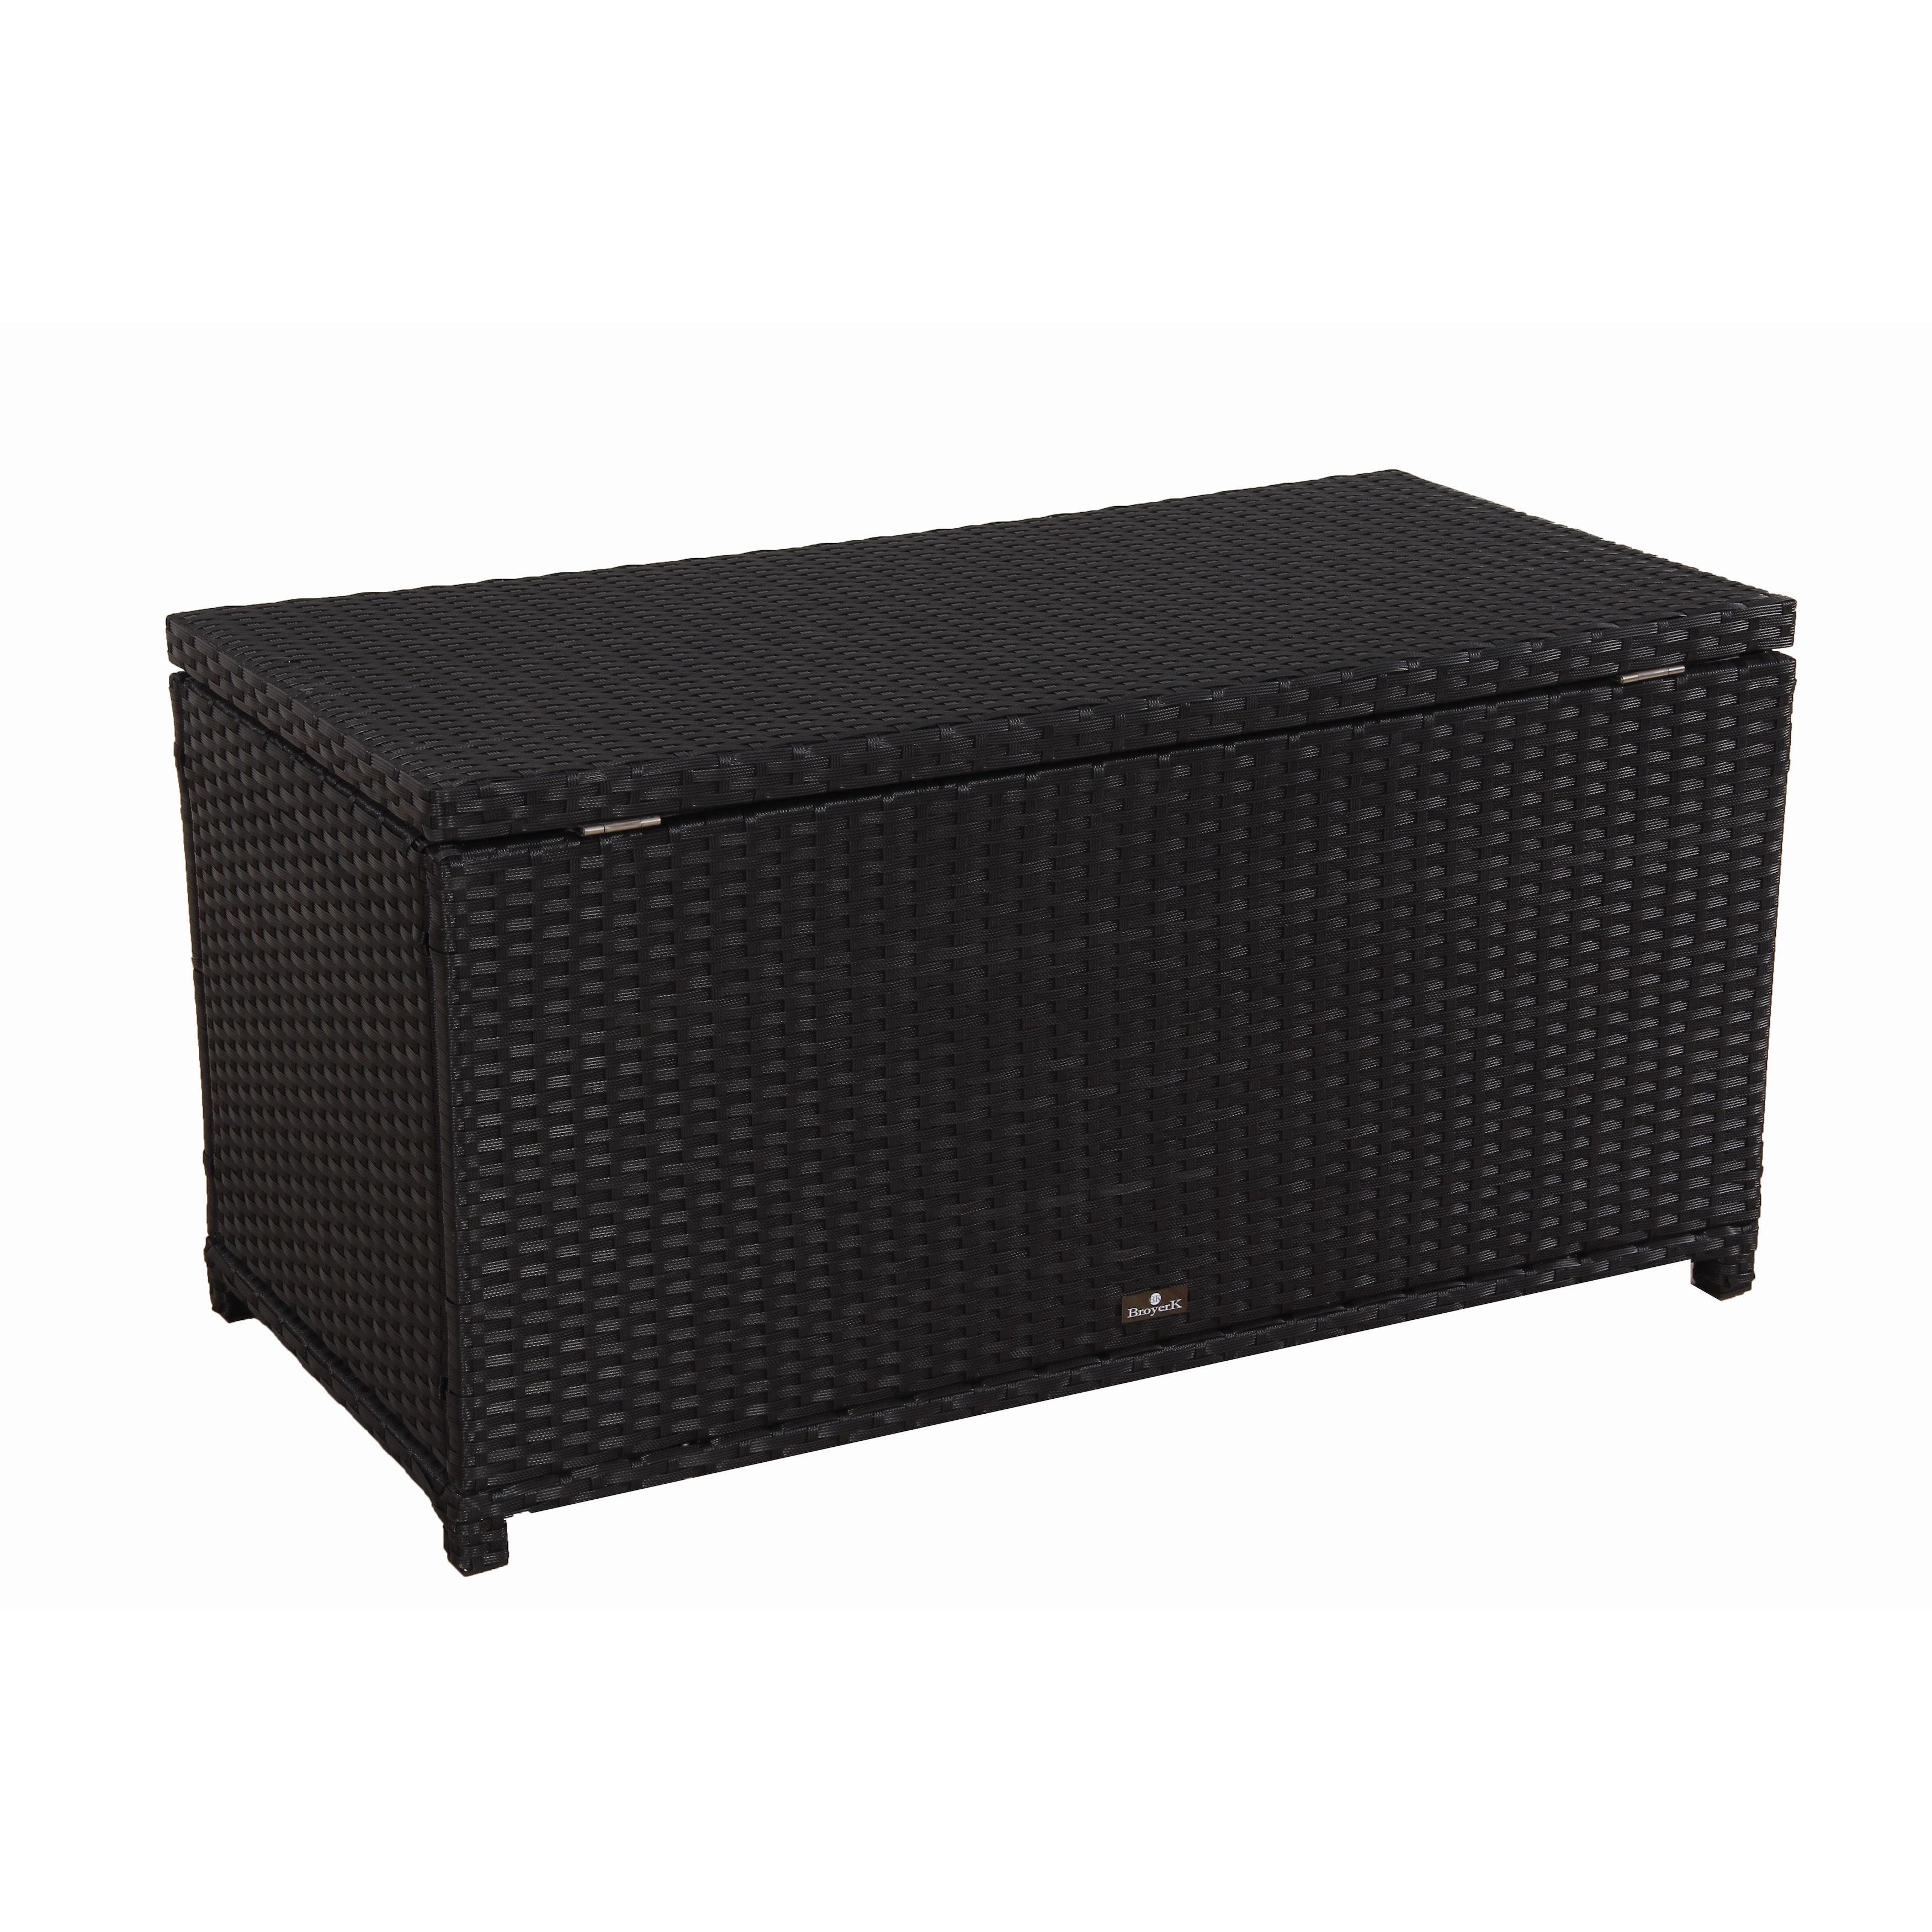 BroyerK Outdoor Black Wicker Storage Cushion Box